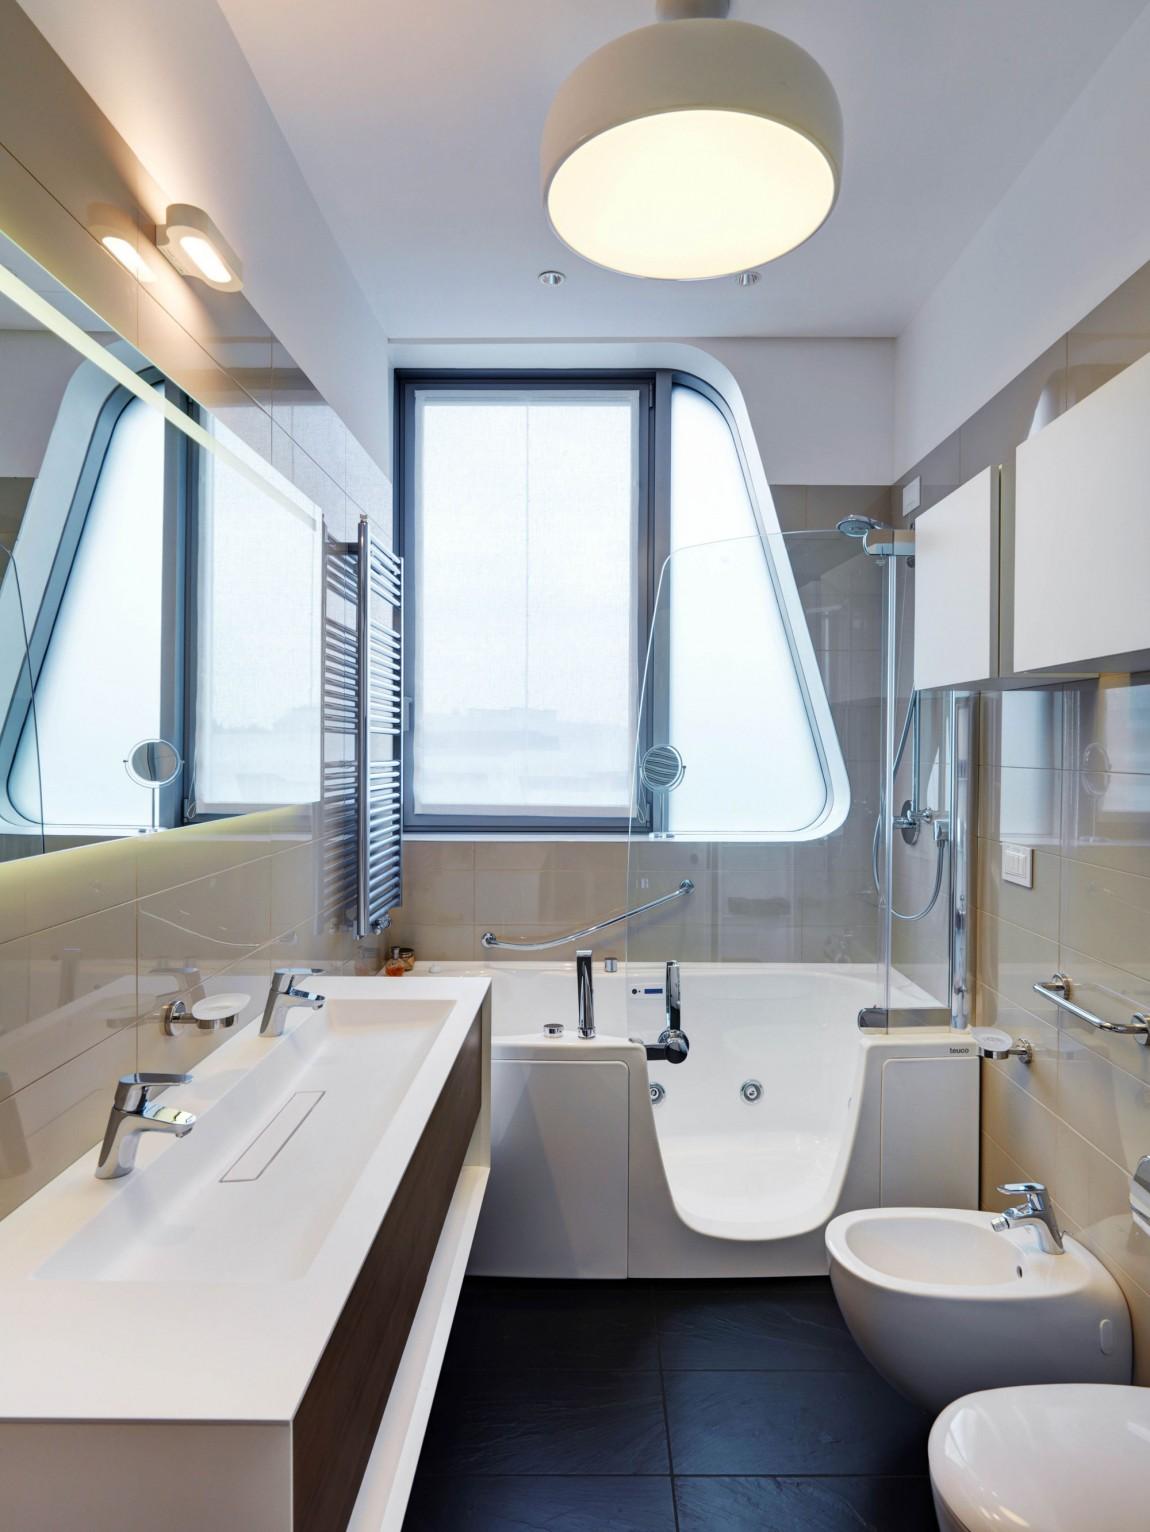 Bạn đã có ý tưởng thiết kế phòng tắm cho ngôi nhà?5